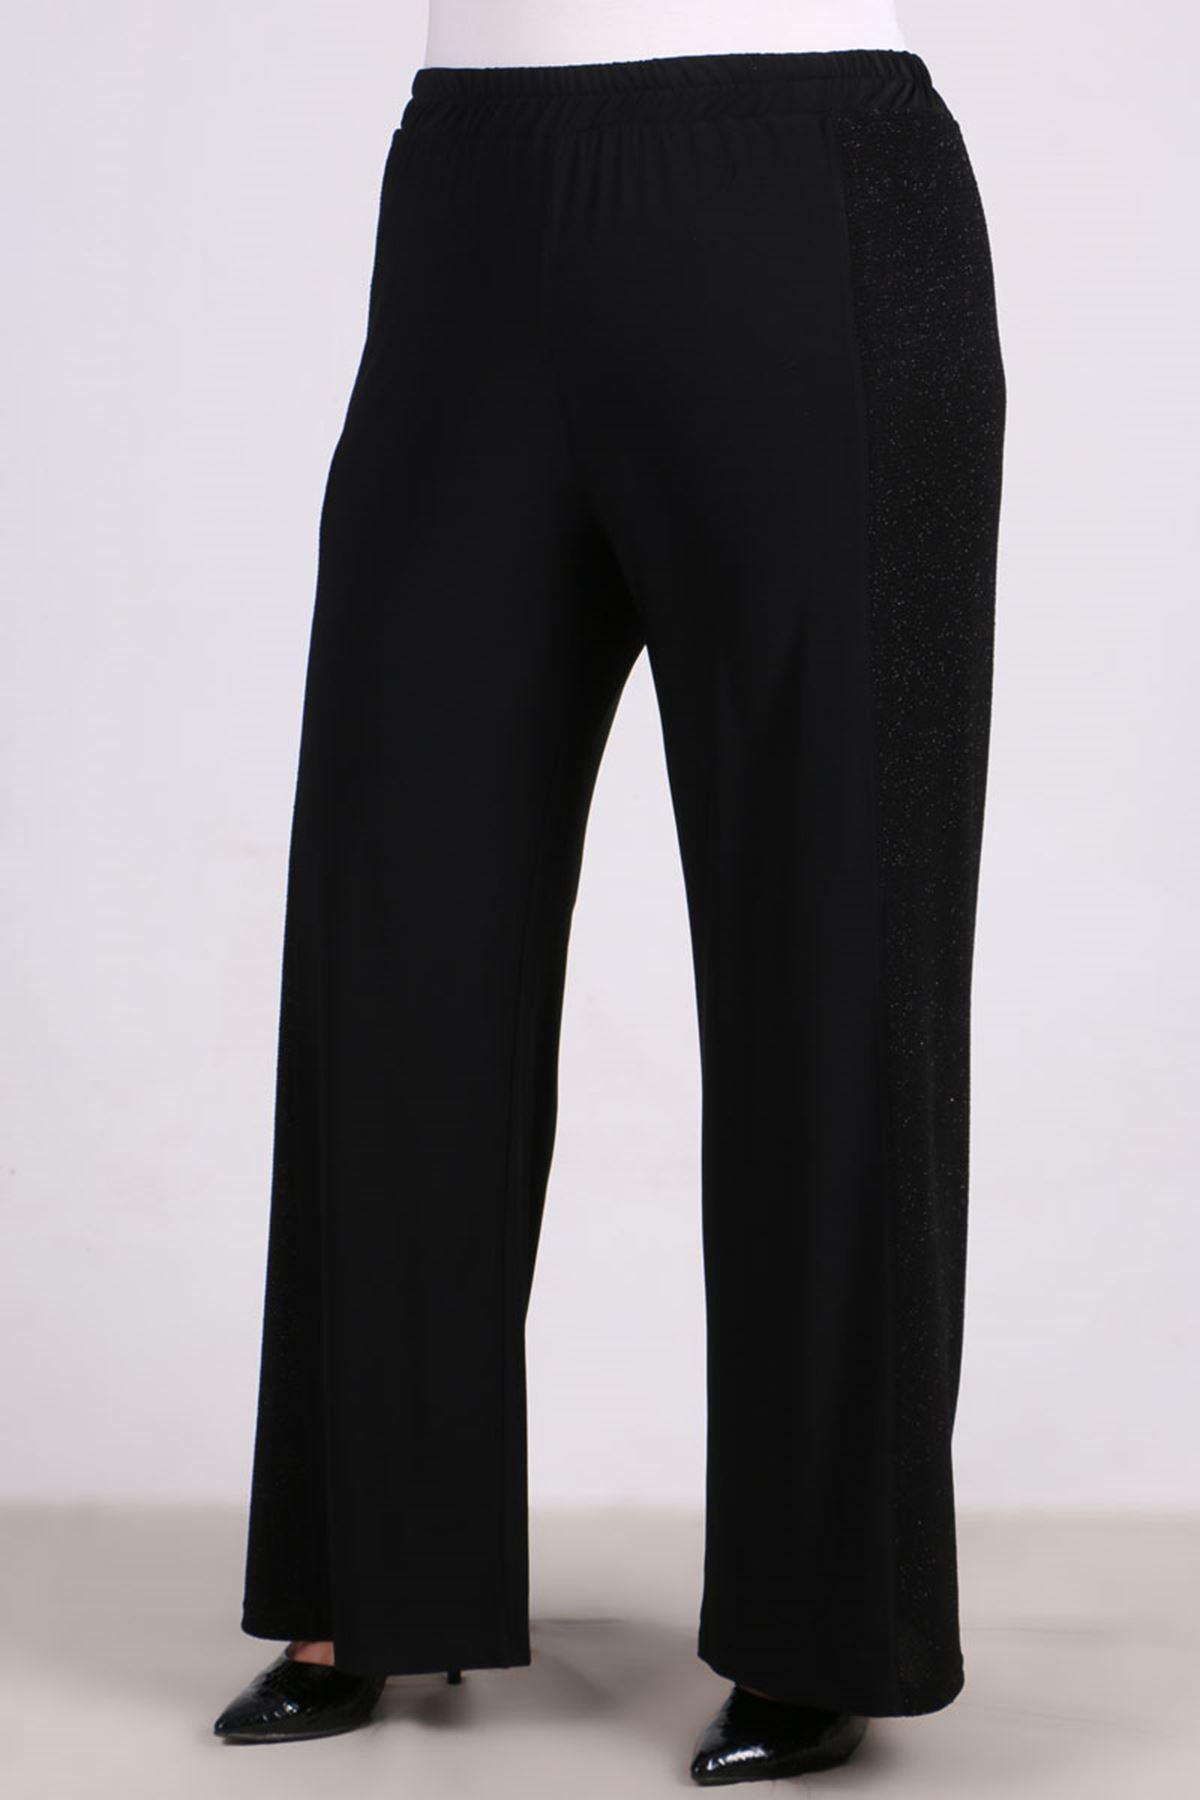 7691 Büyük Beden Sandy Pantalonlu Takım - Siyah